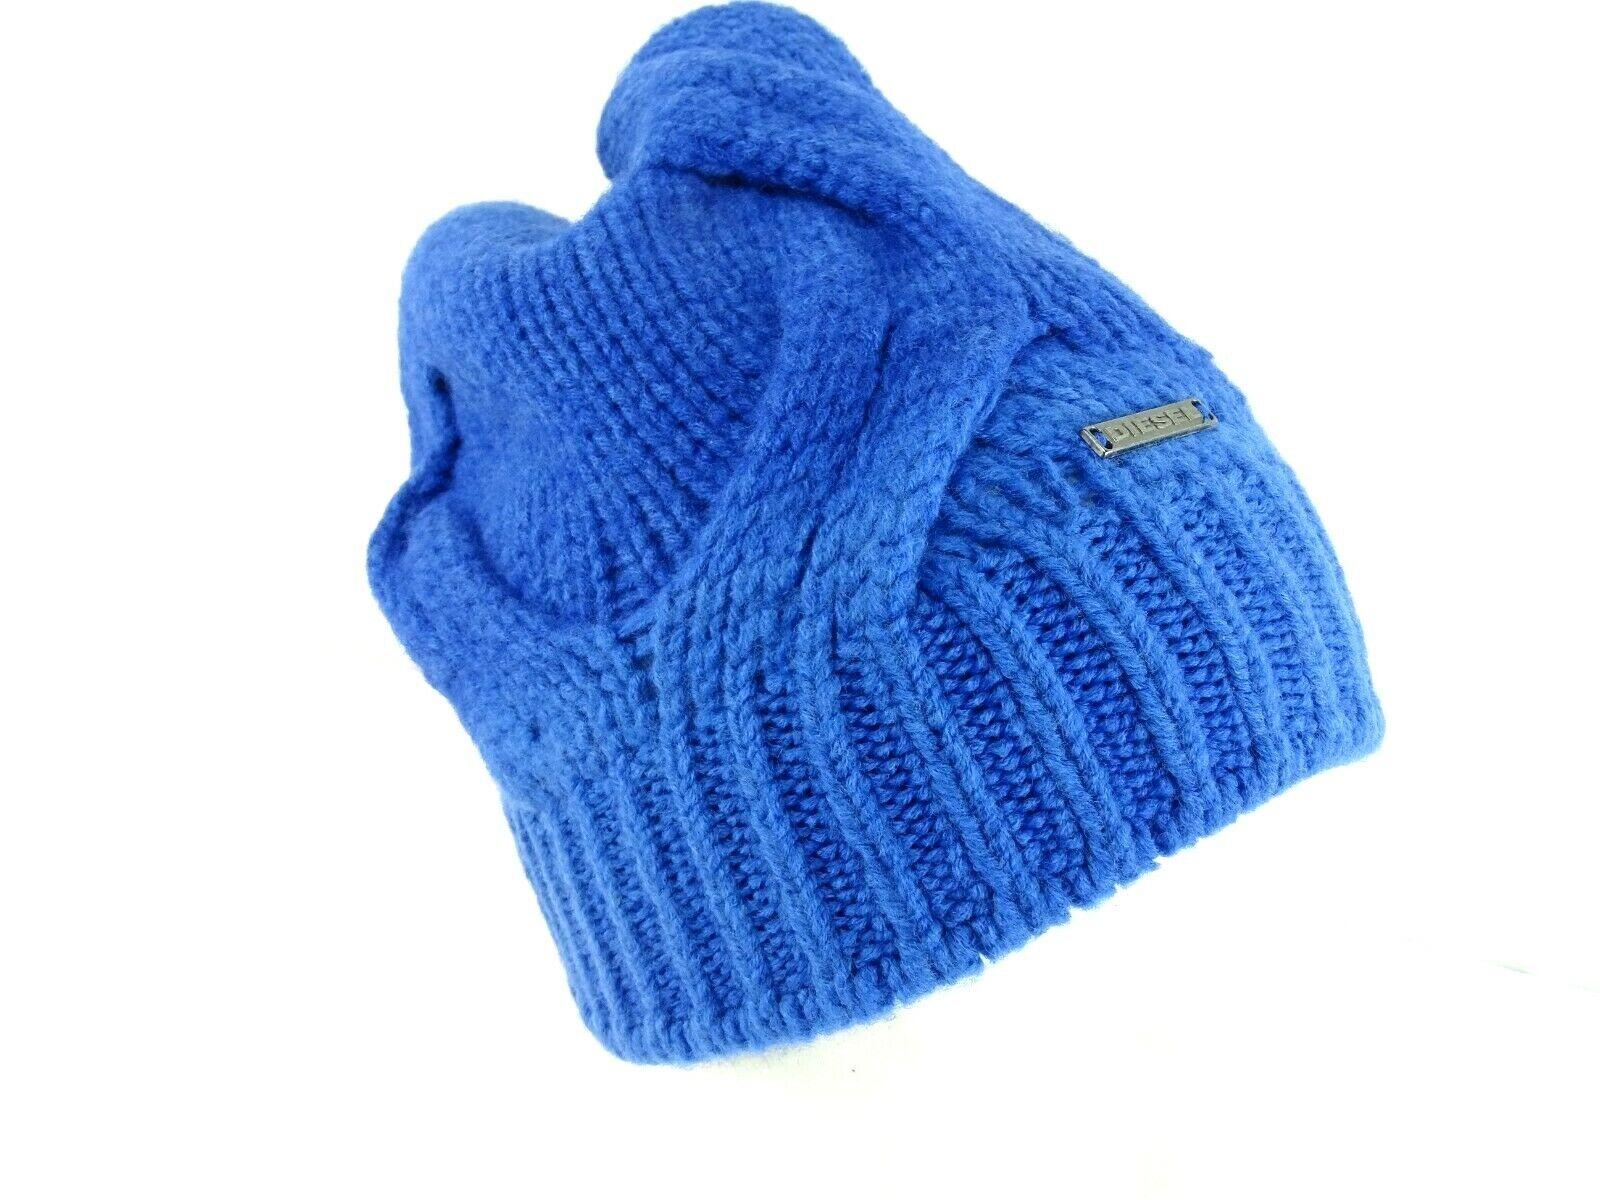 Diesel M-ACRI Berretto fleecemütze Winter Hat Beanie Hat Mens Ladies